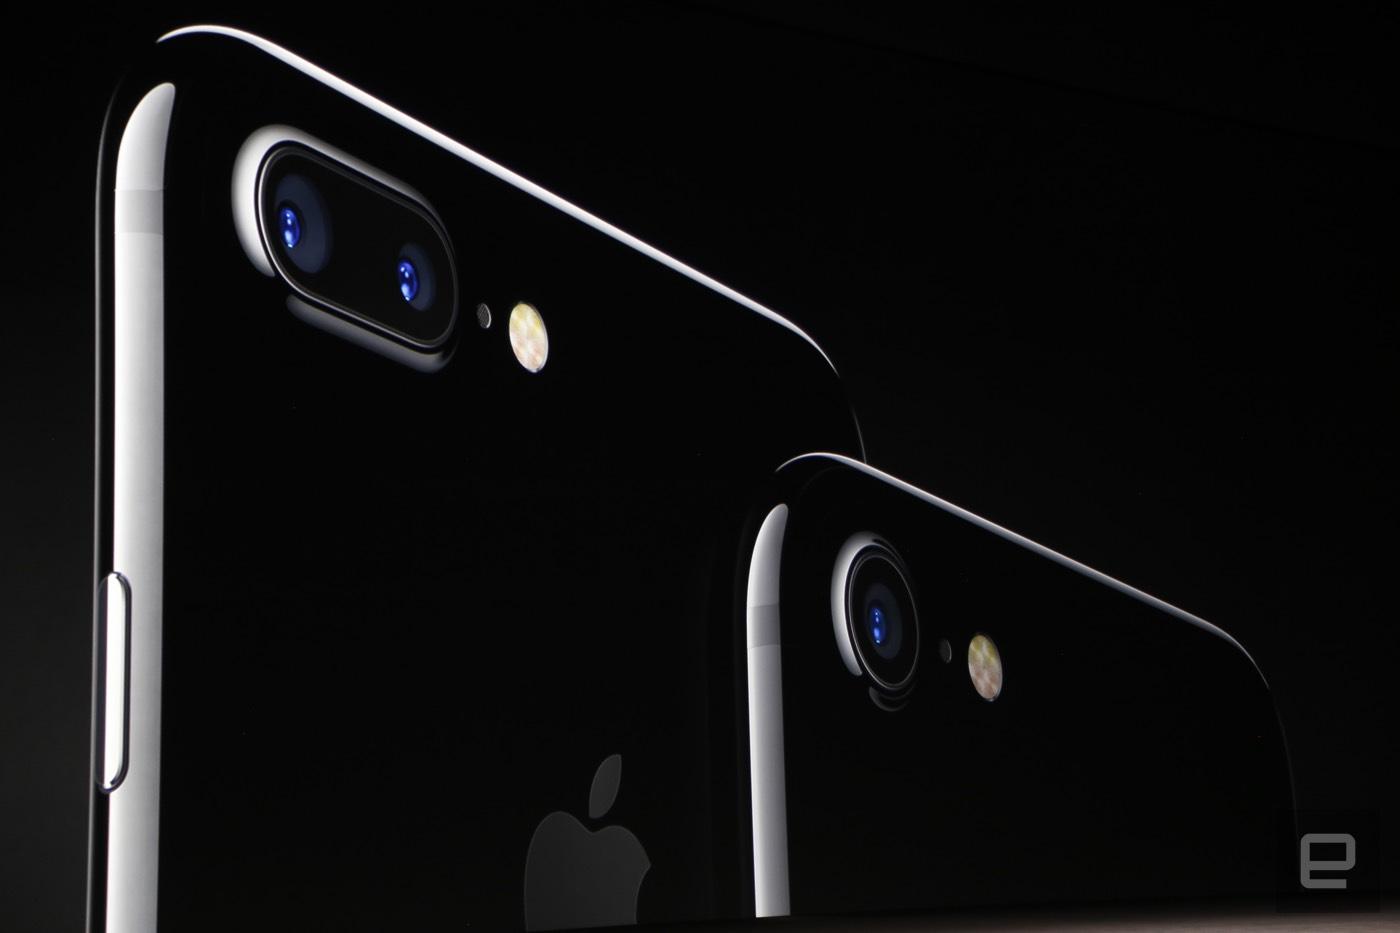 iOS 的「人像模式」更新進入公測階段